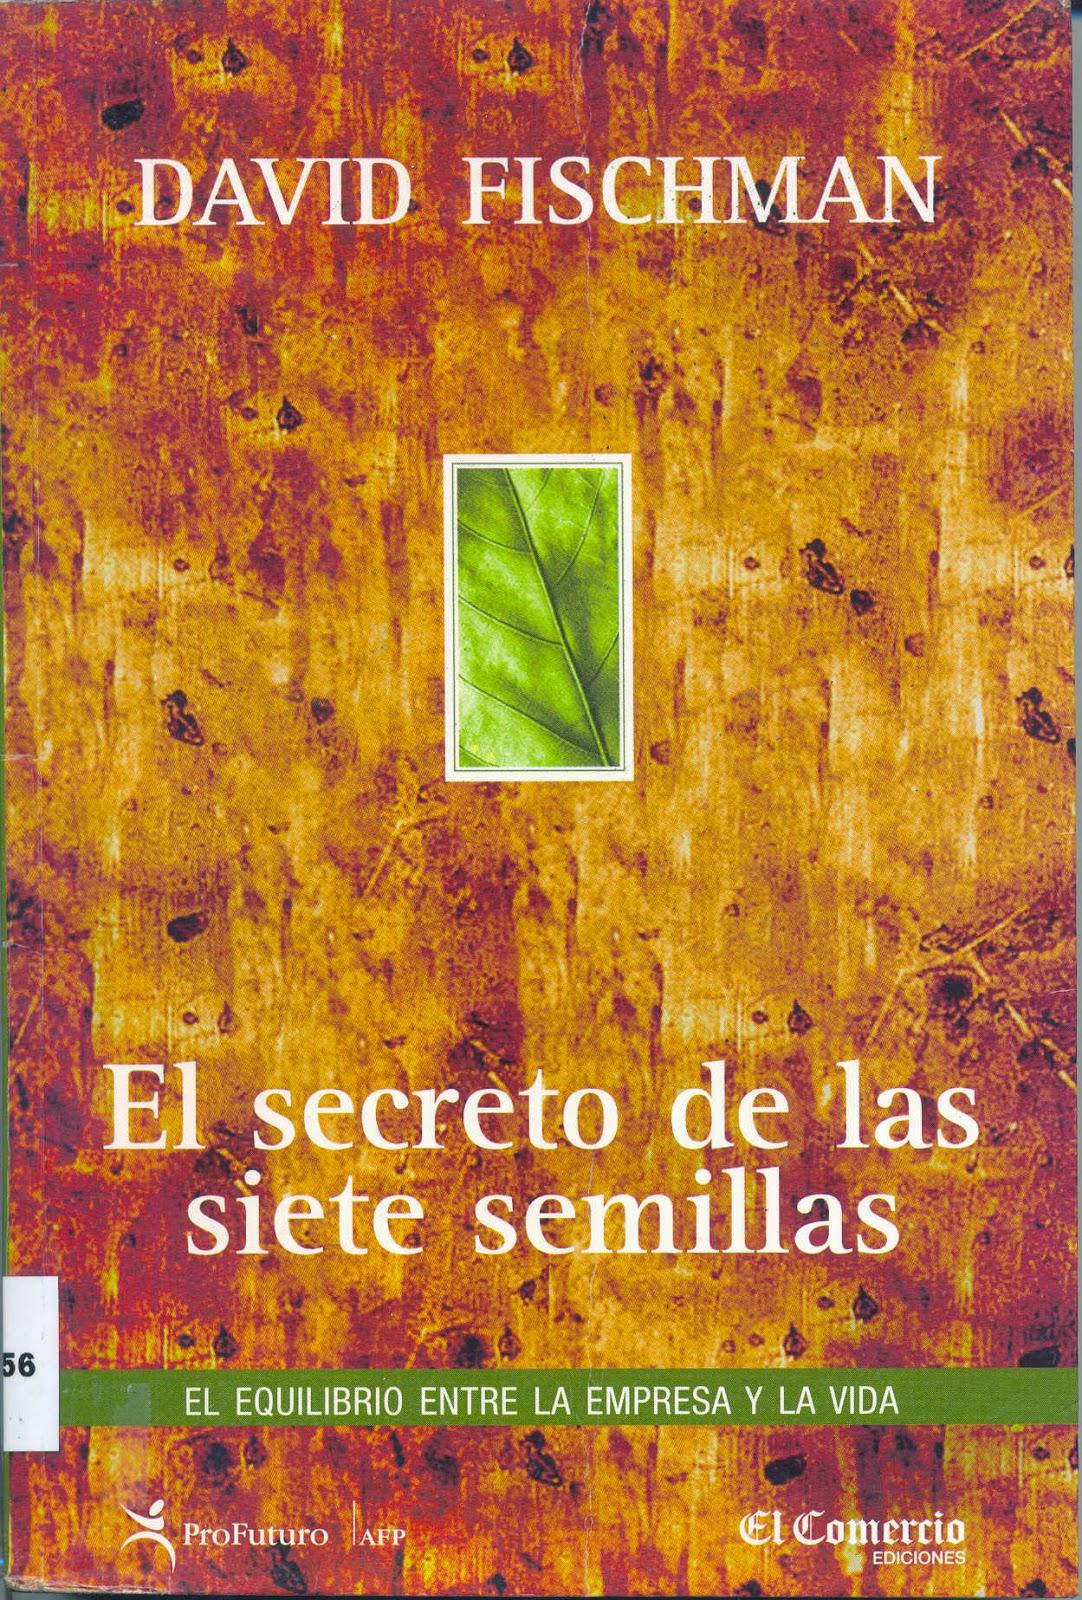 Libro tejas verdes hernan valdes pdf